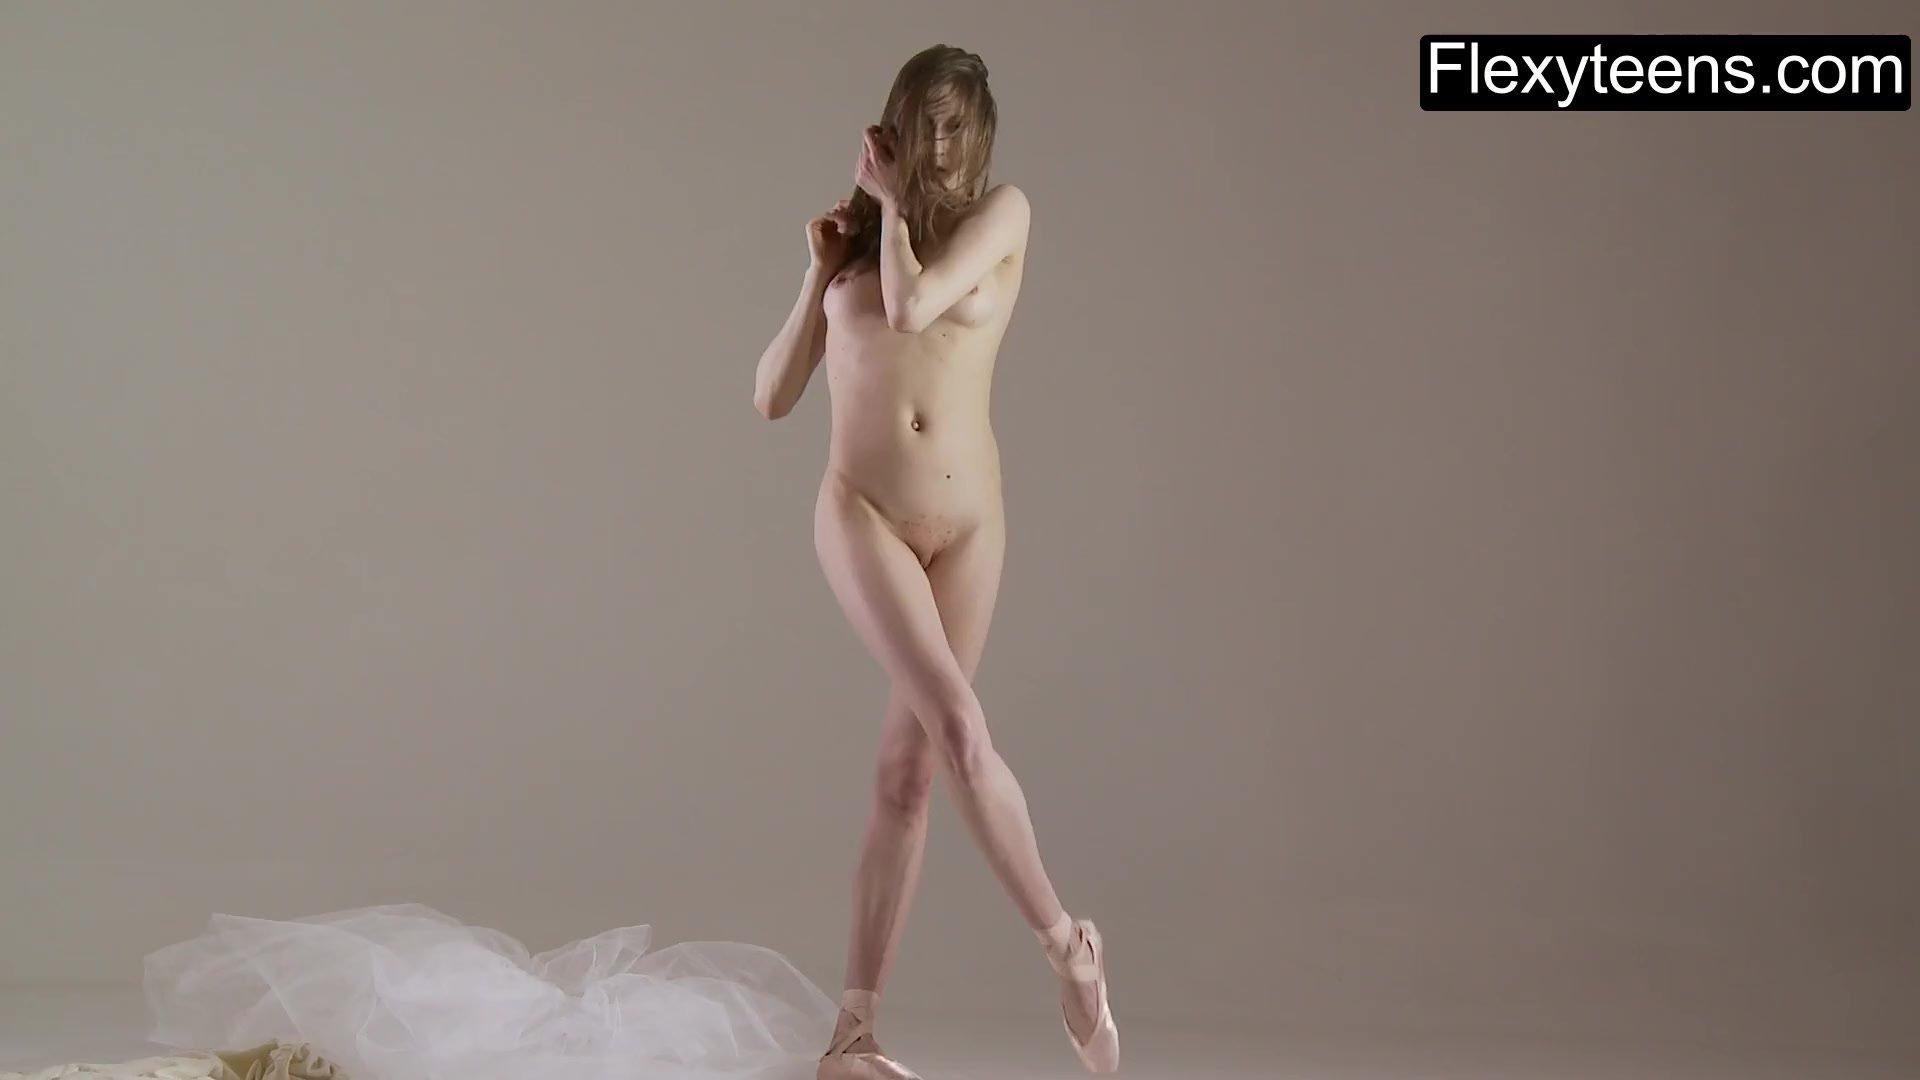 Dancing/solo girl/performs blonde gymnastics gymnast